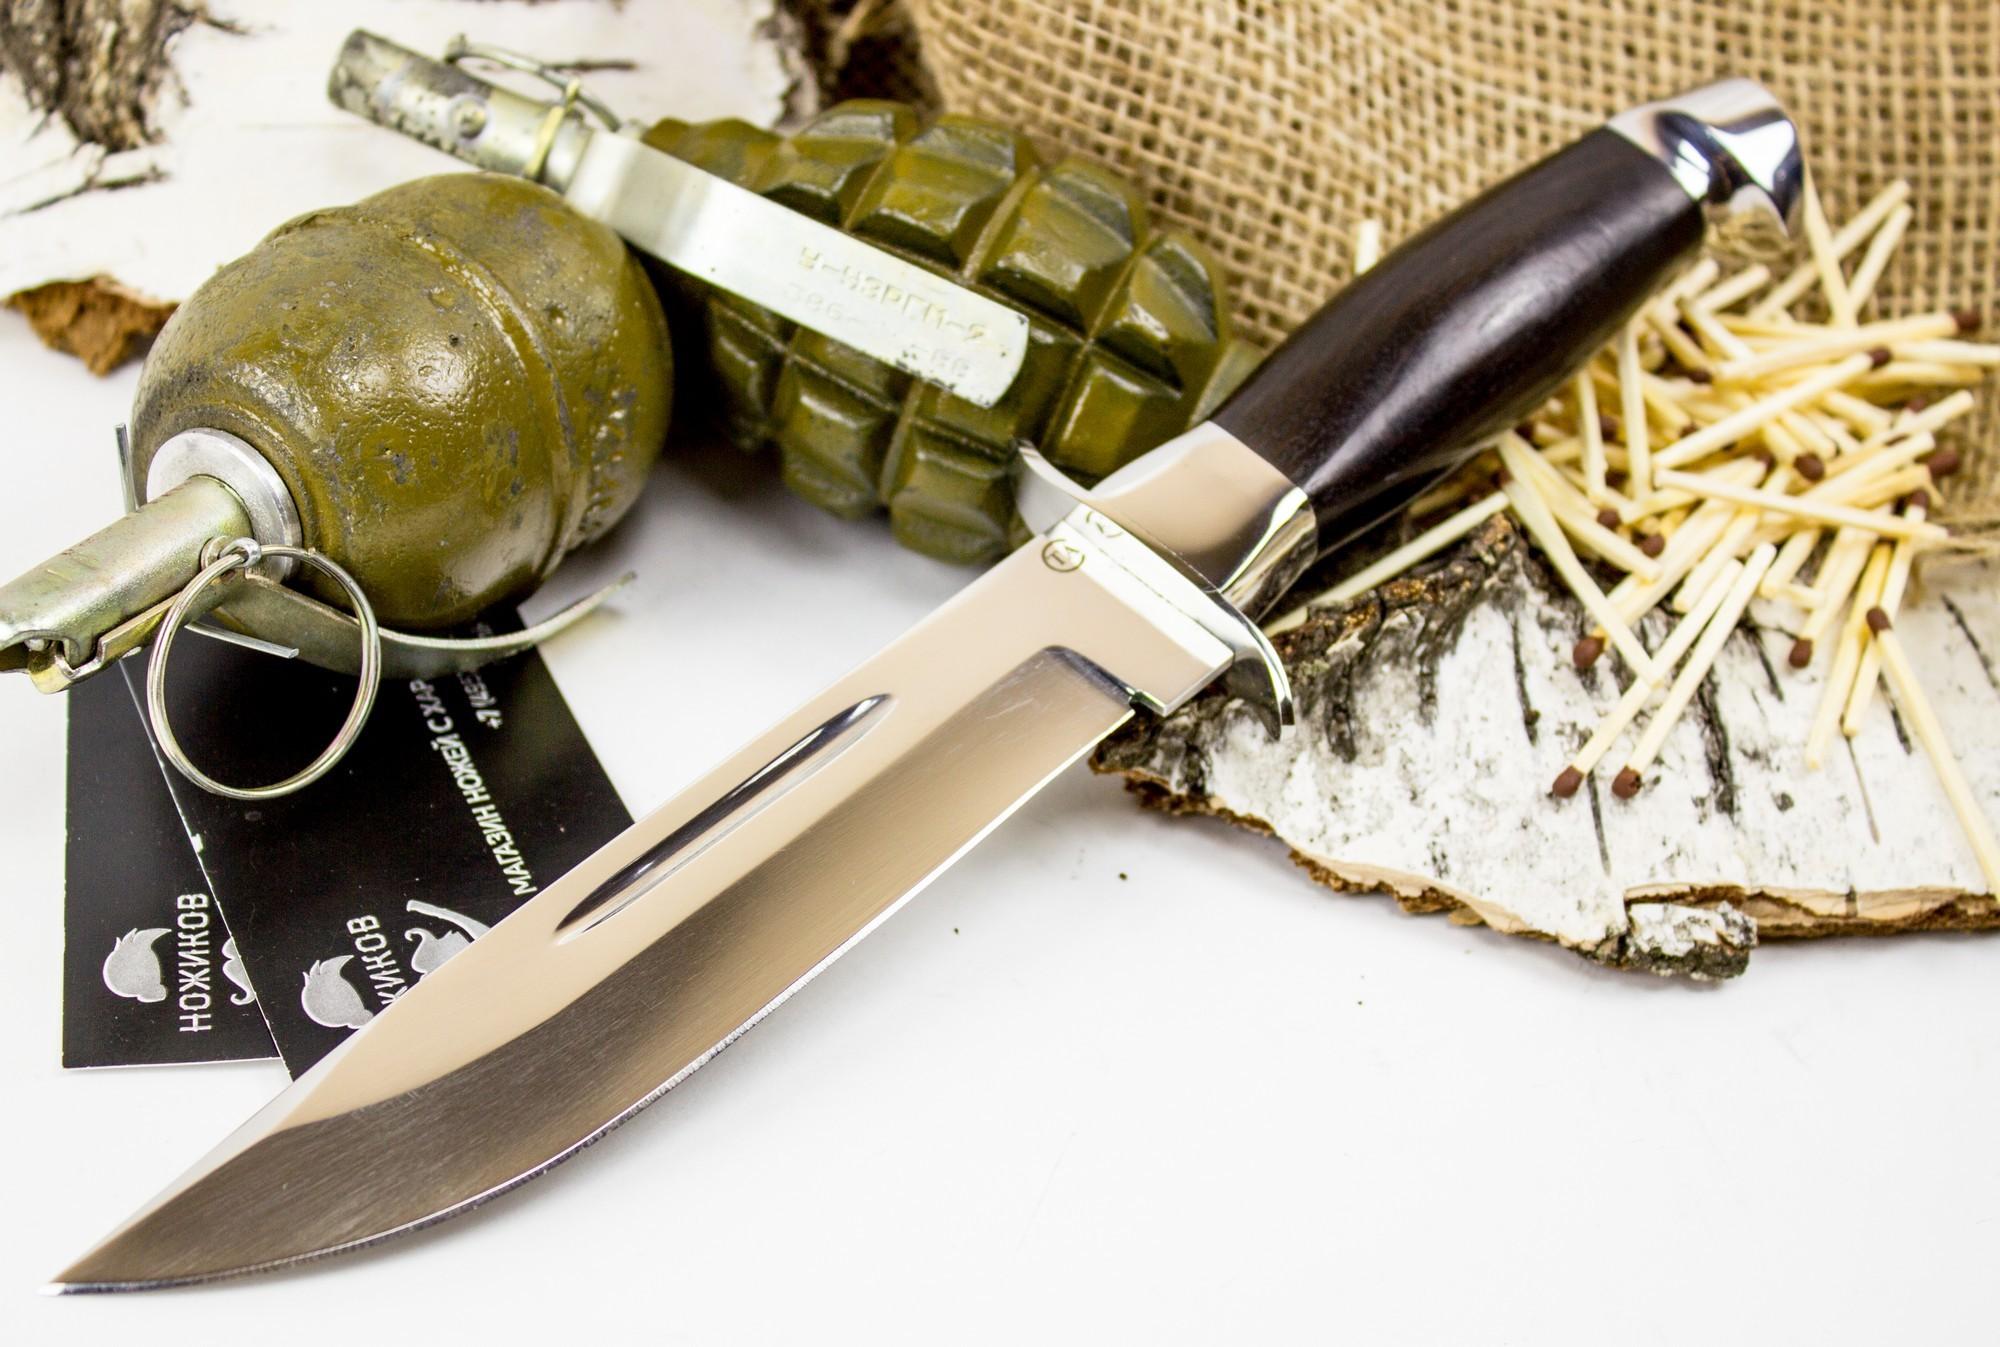 Нож Макс, сталь 95х18, венгеНожи разведчика НР, Финки НКВД<br>Данный нож выполнен по мотивам традиционных охотничьих ножей шведского и финского типов. Нож обладает клинком классической формы с долами и прямым обухом. Каждый из нас, когда был мальчишкой, обязательно мечтал о таком ноже. Развитая гарда и металлический тыльник дополняют картину. Нож максимально удобен и безопасен в работе. Усиленная пятка клинка и сквозной хвостовик обеспечивают ножу высокий запас прочности. Габариты ножа позволяют использовать его в качестве большого лагерного ножа. Нож рассчитан на рубку веток, строгание древесины и приготовление пищи.<br>